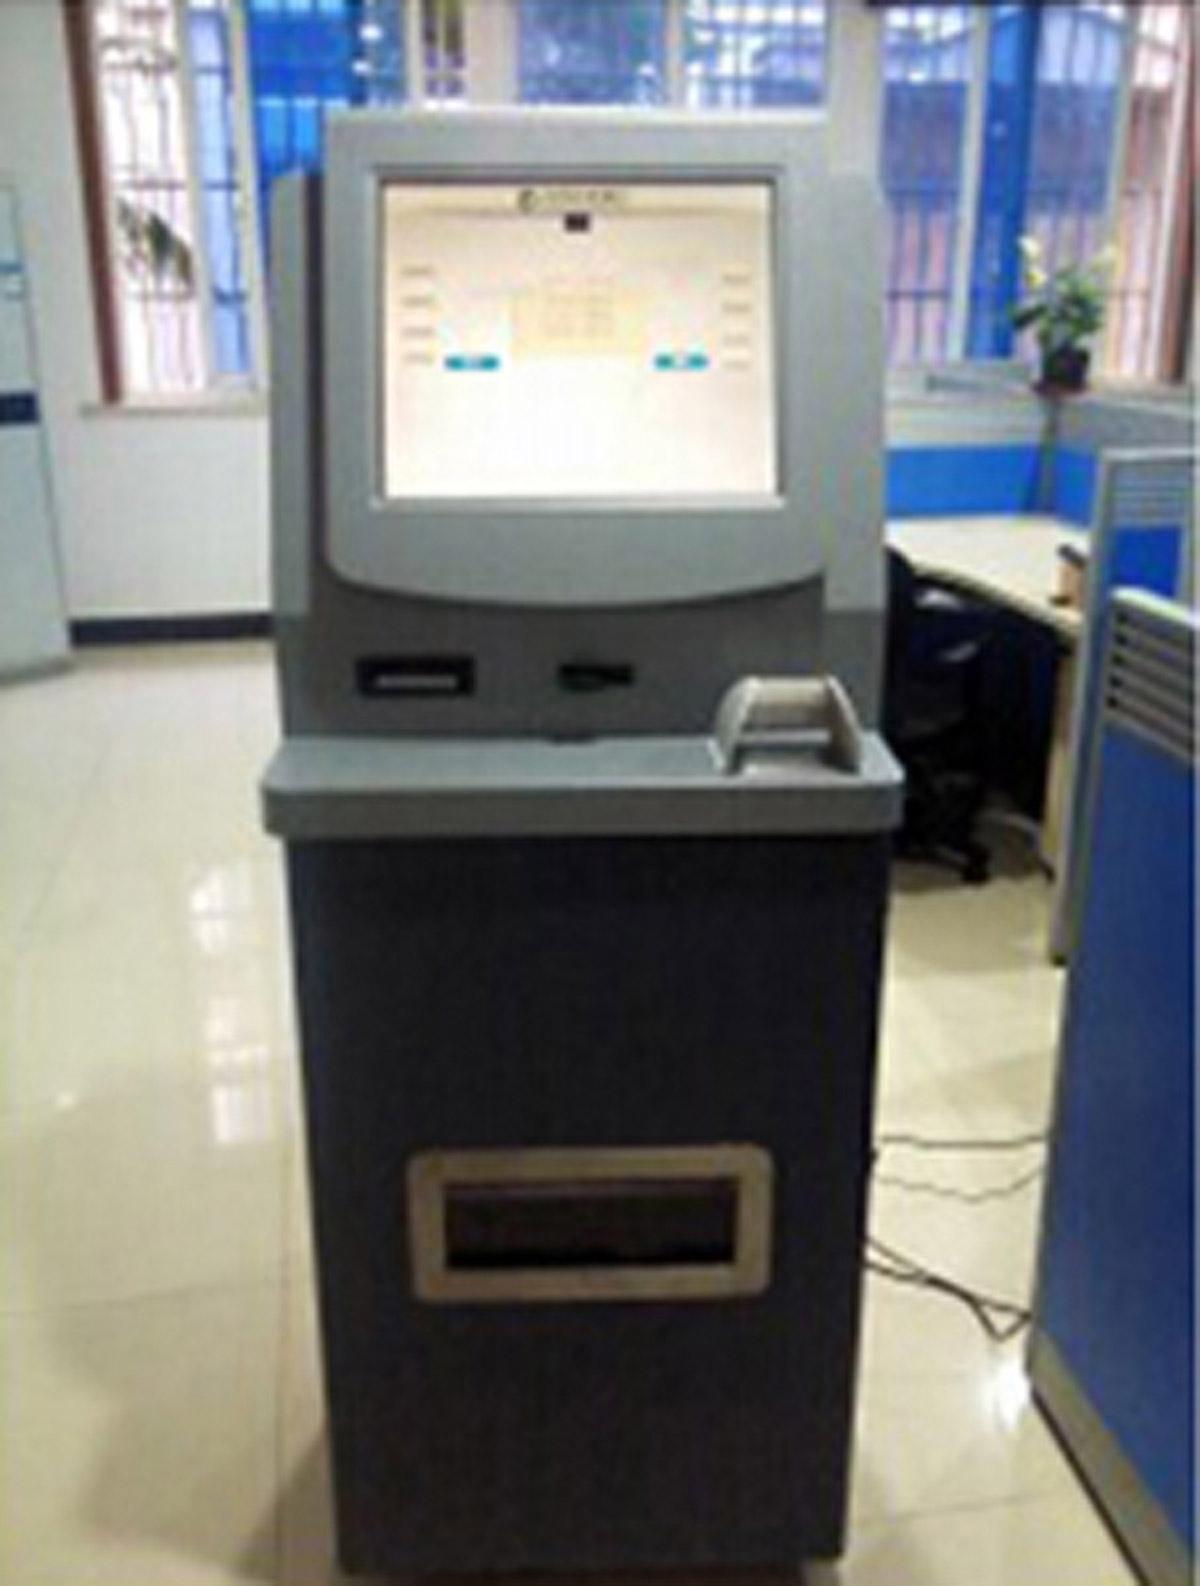 孟村安全体验模拟ATM提款操作